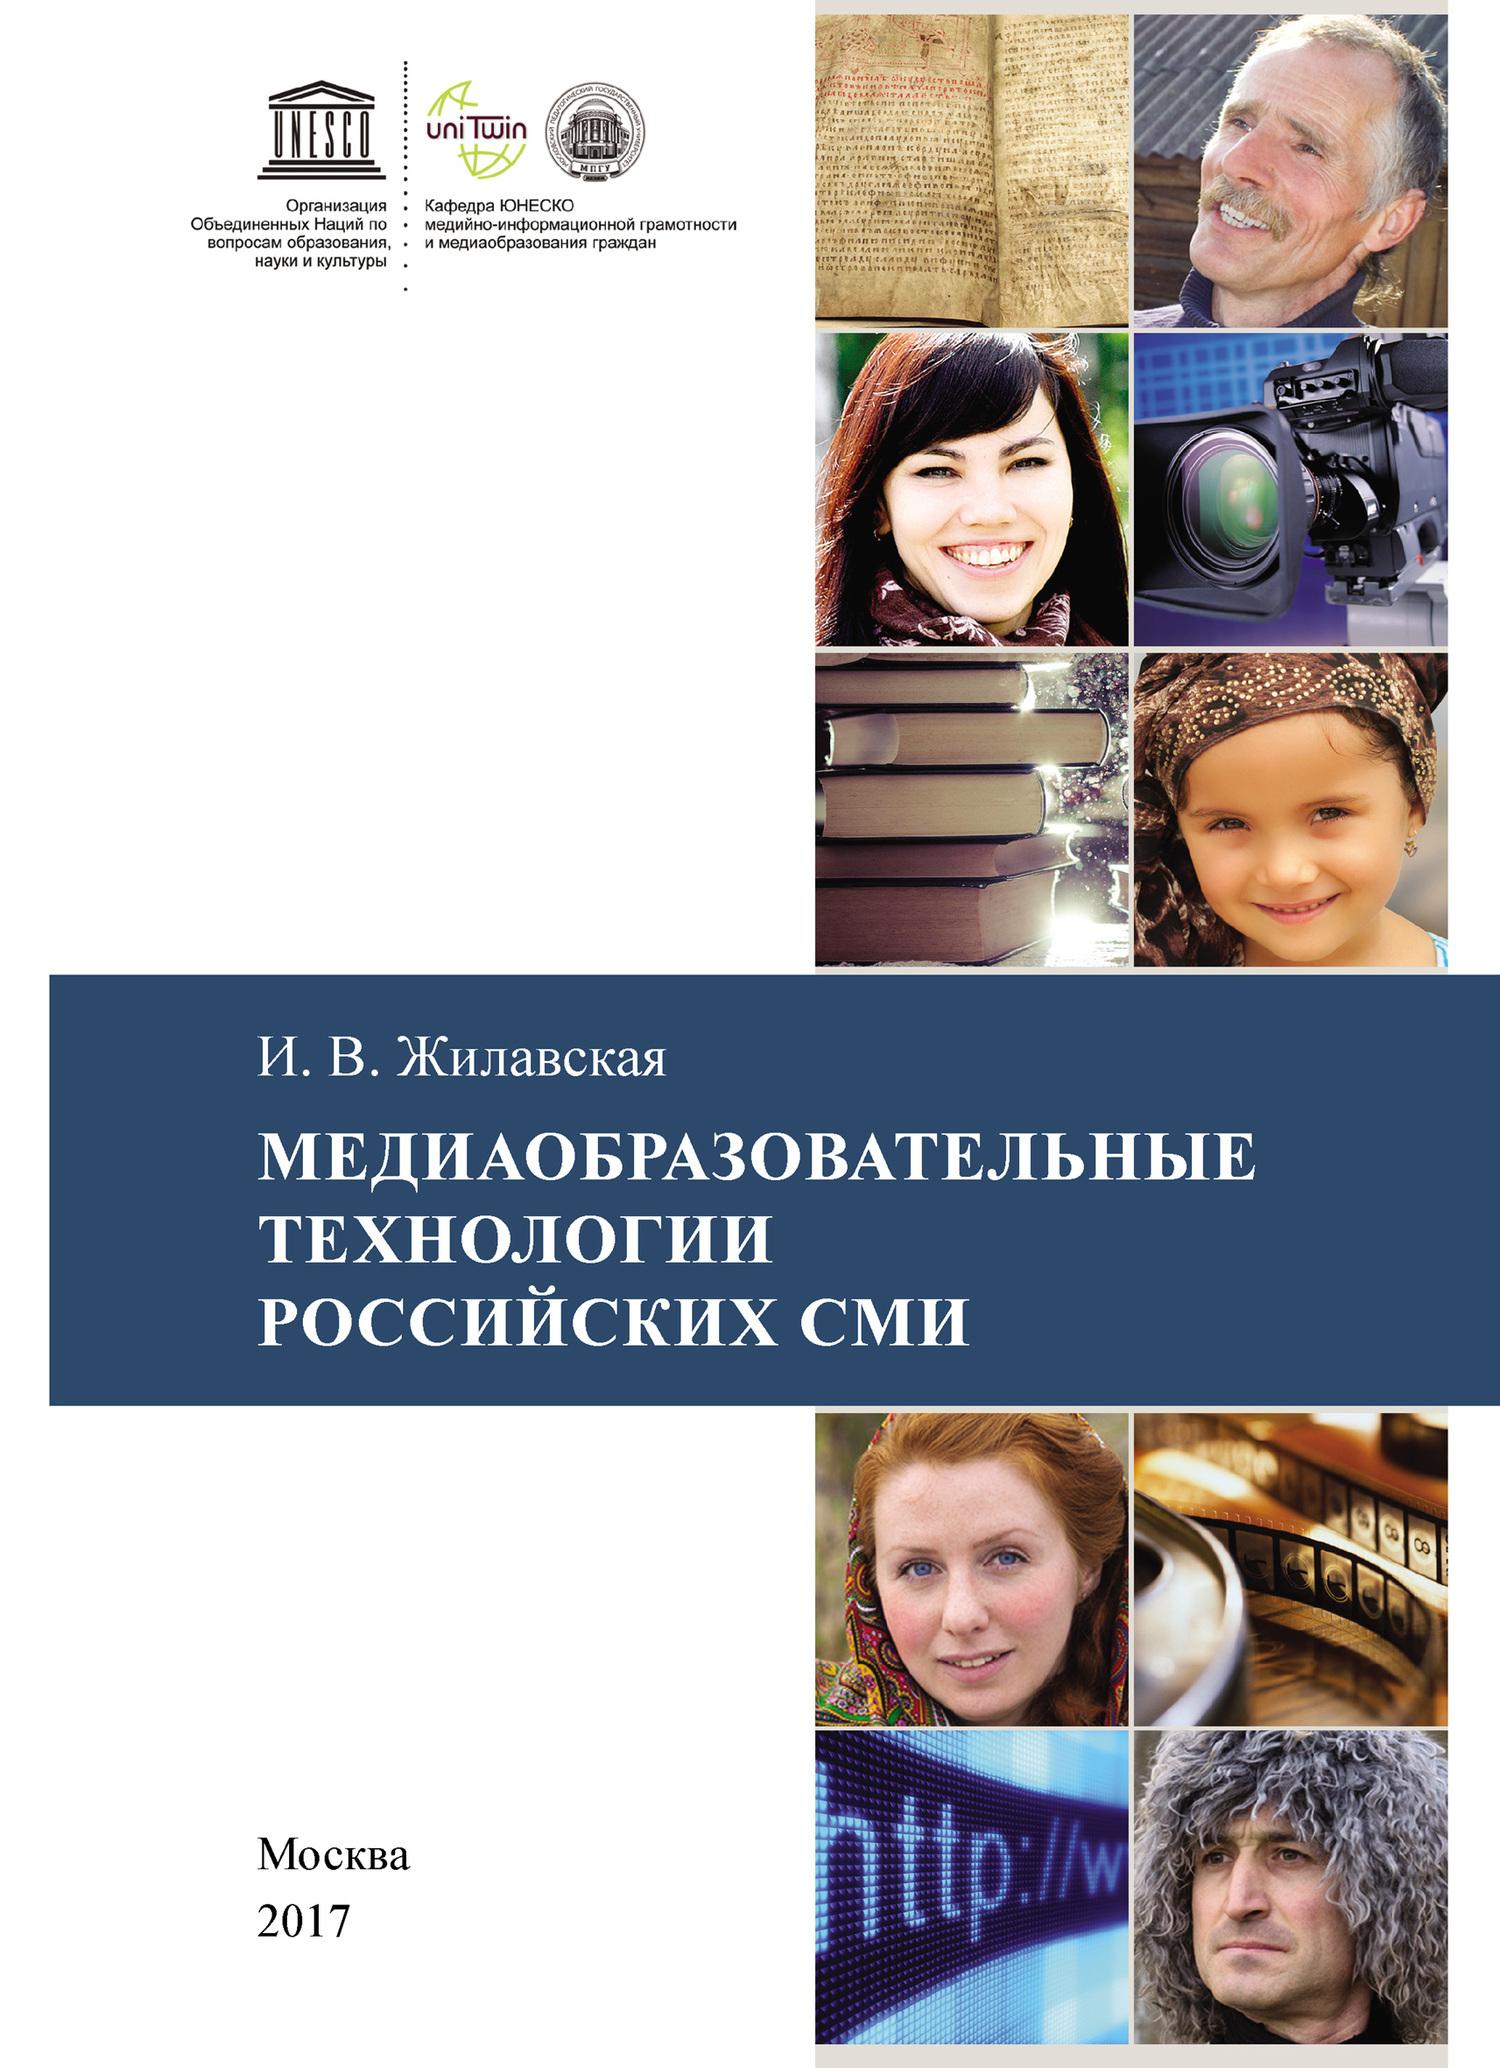 Ирина Жилавская - Медиаобразовательные технологии российских СМИ